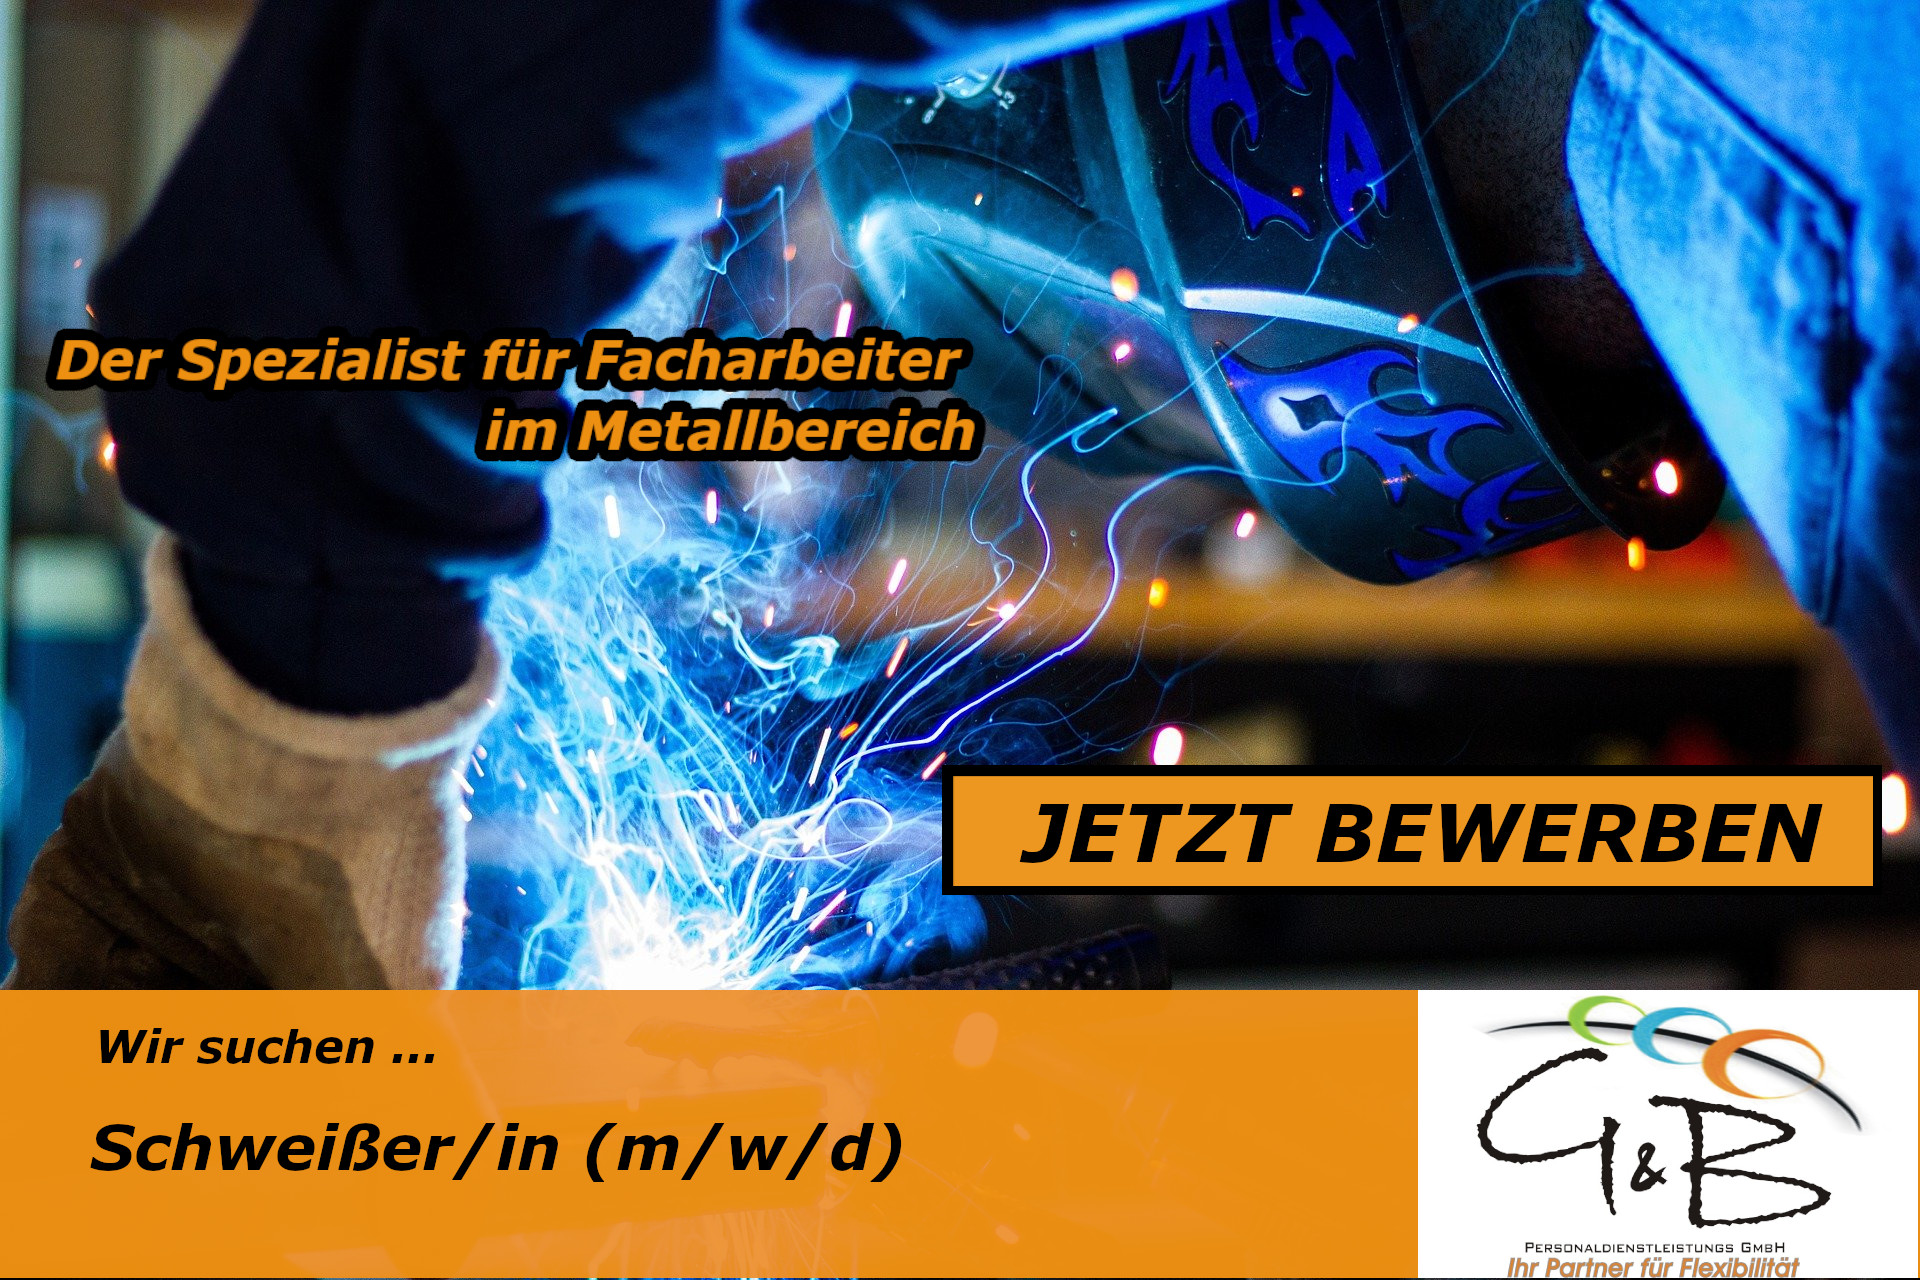 G&B_Schweißer